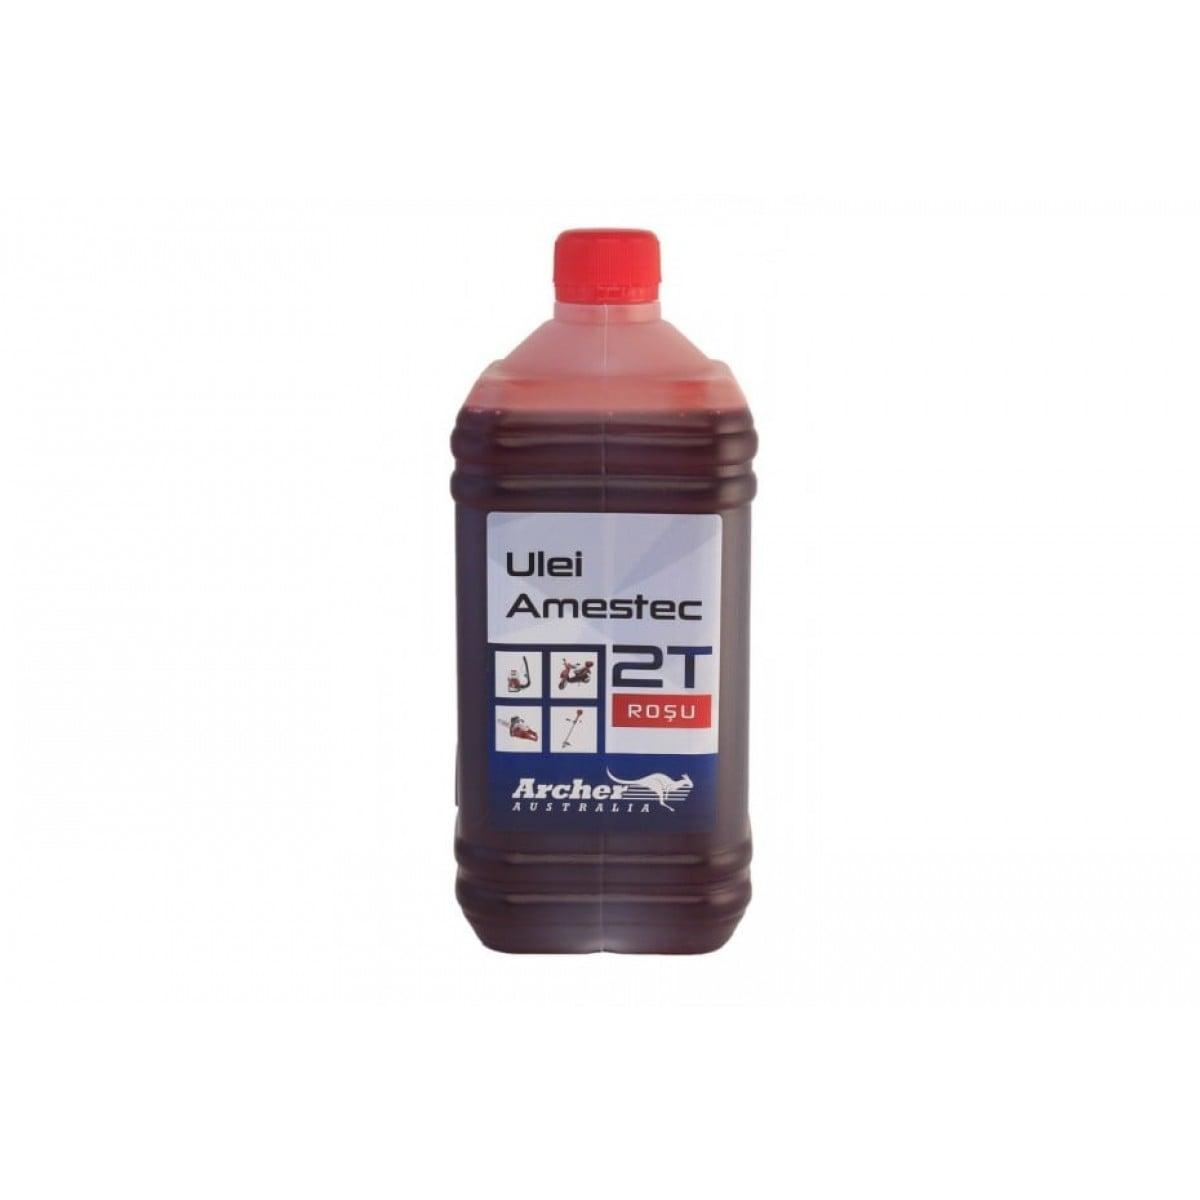 5580 01393   ulei 2t mix rosu archer   1l o mac.ro 2 1 7